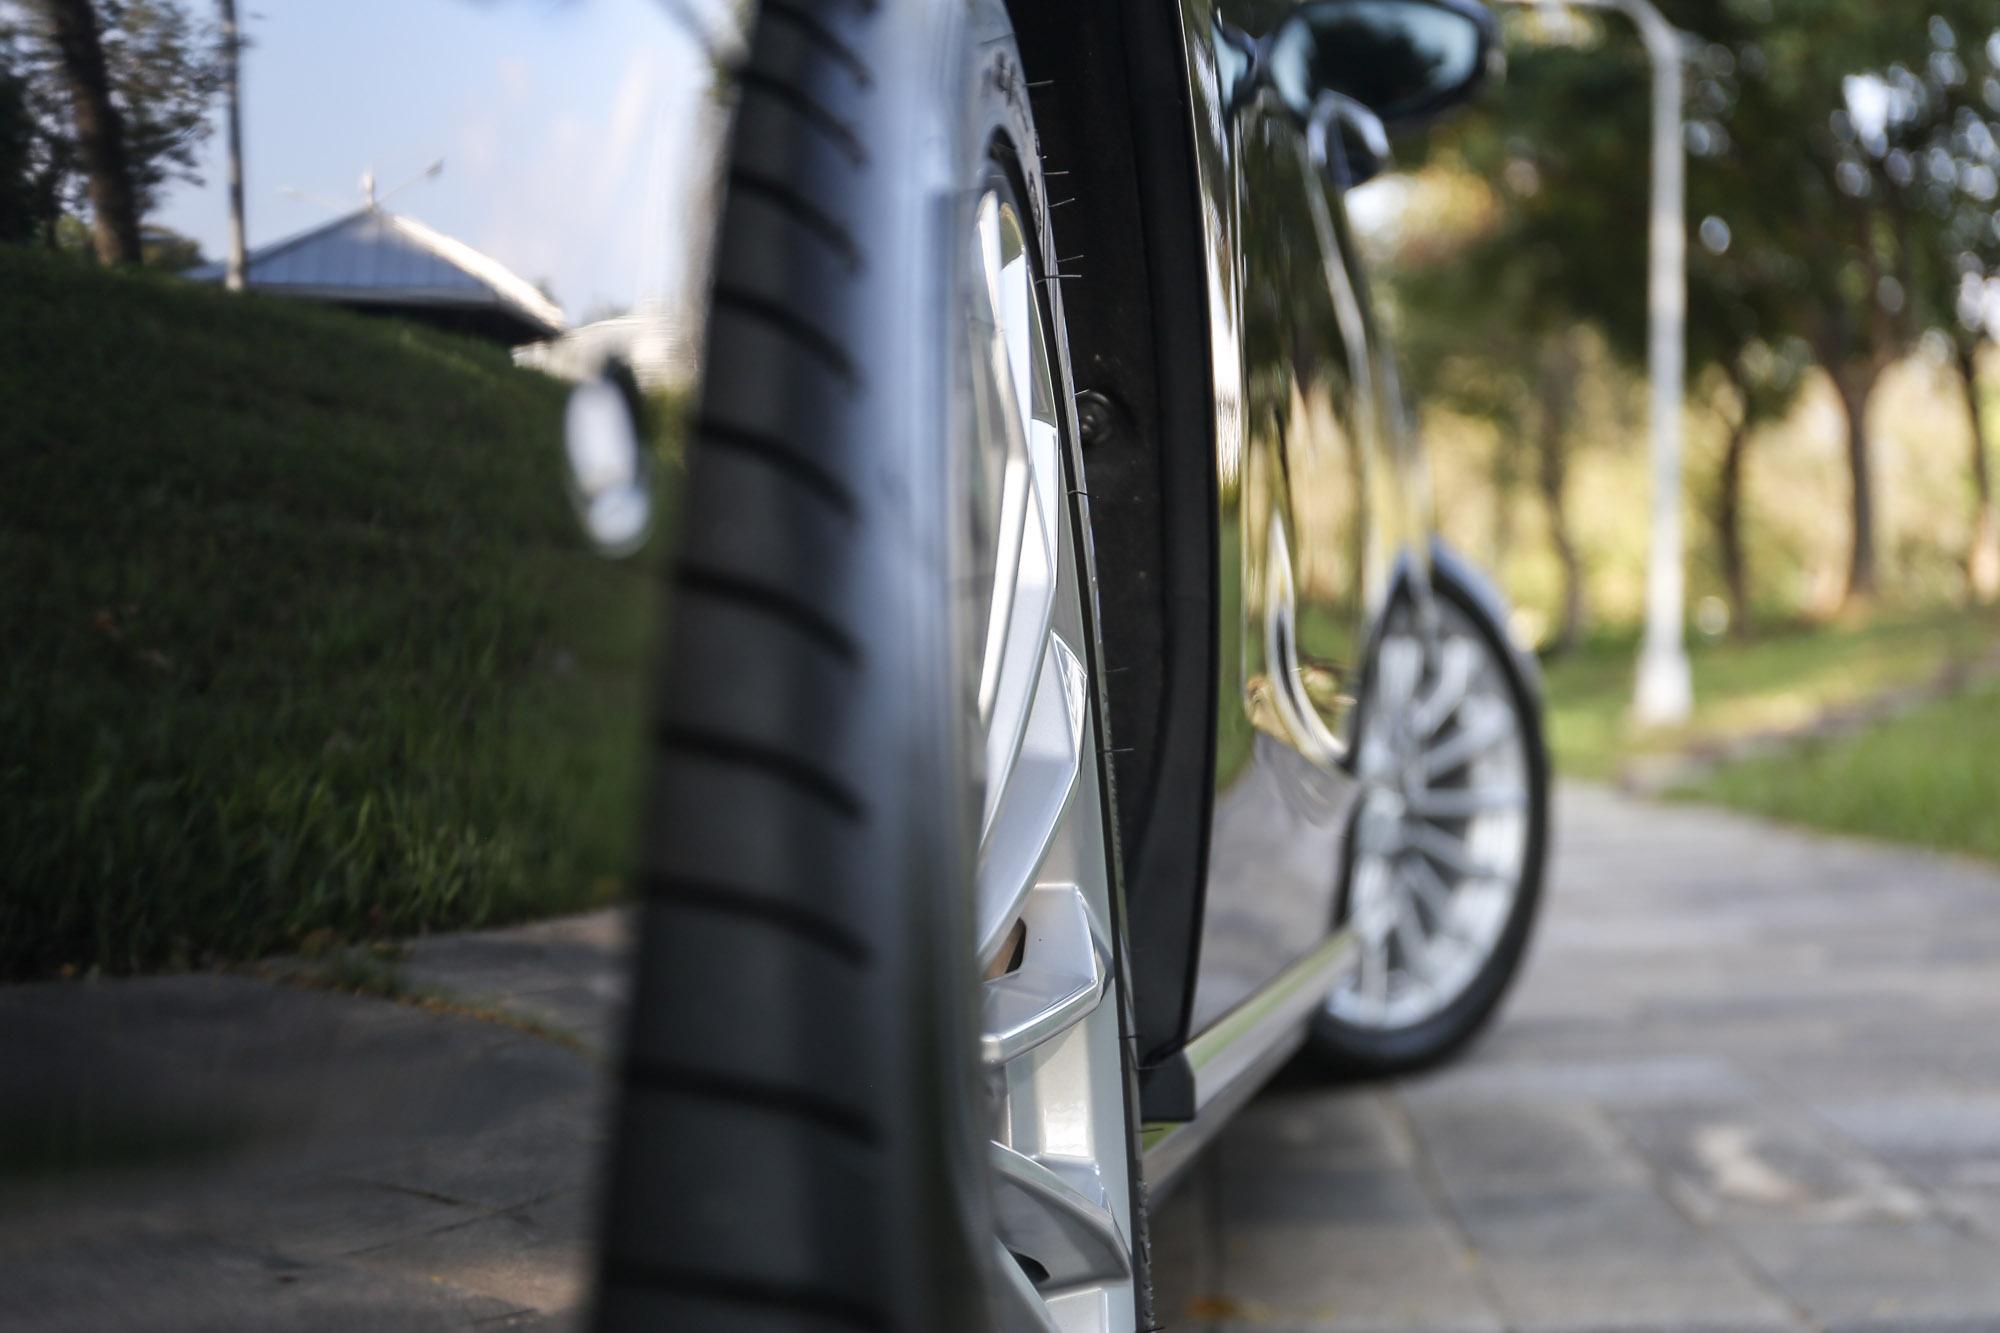 試駕車選配動態全輪轉向系統,低速後輪於前輪反向轉動,降低迴轉半徑;60 km/h 以上則同向轉動,提高穩定性。